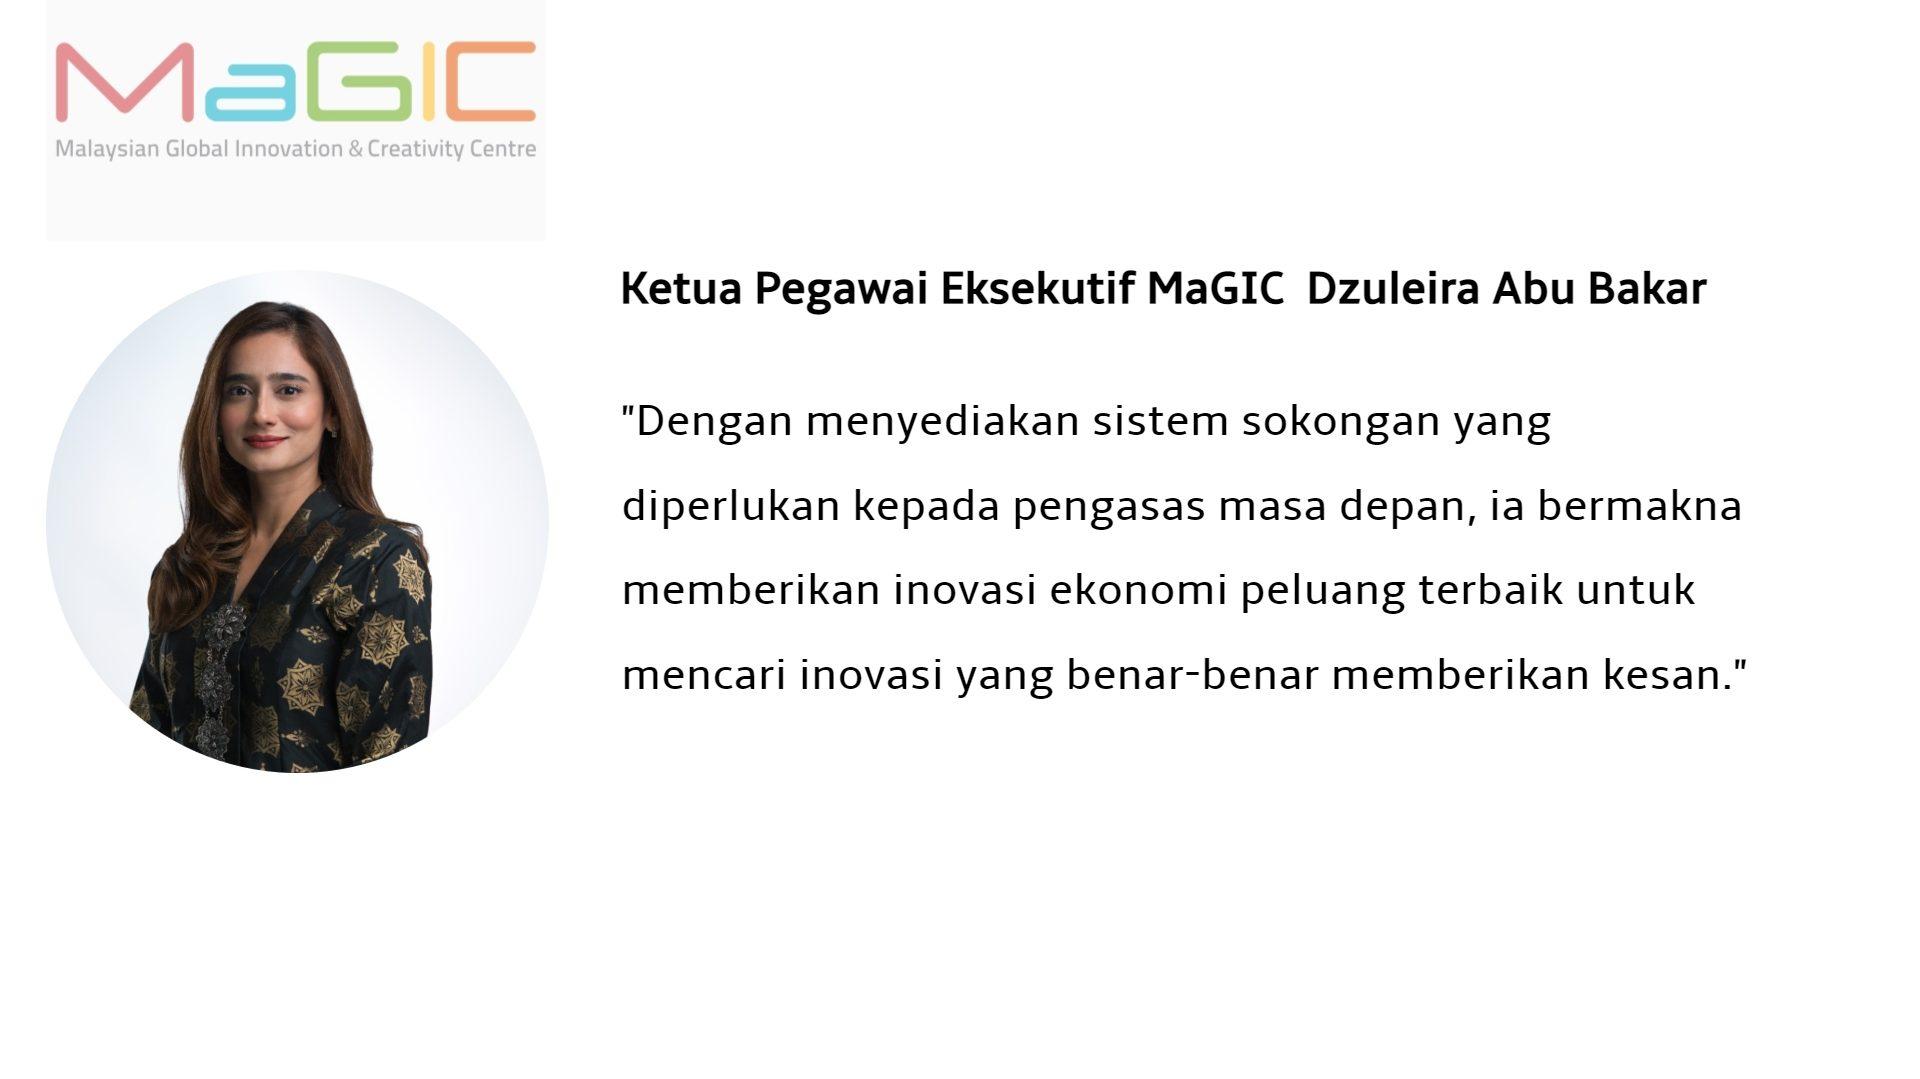 Ketua Pengawai Eksekutif MaGIC Dzuleira Abu Bakar